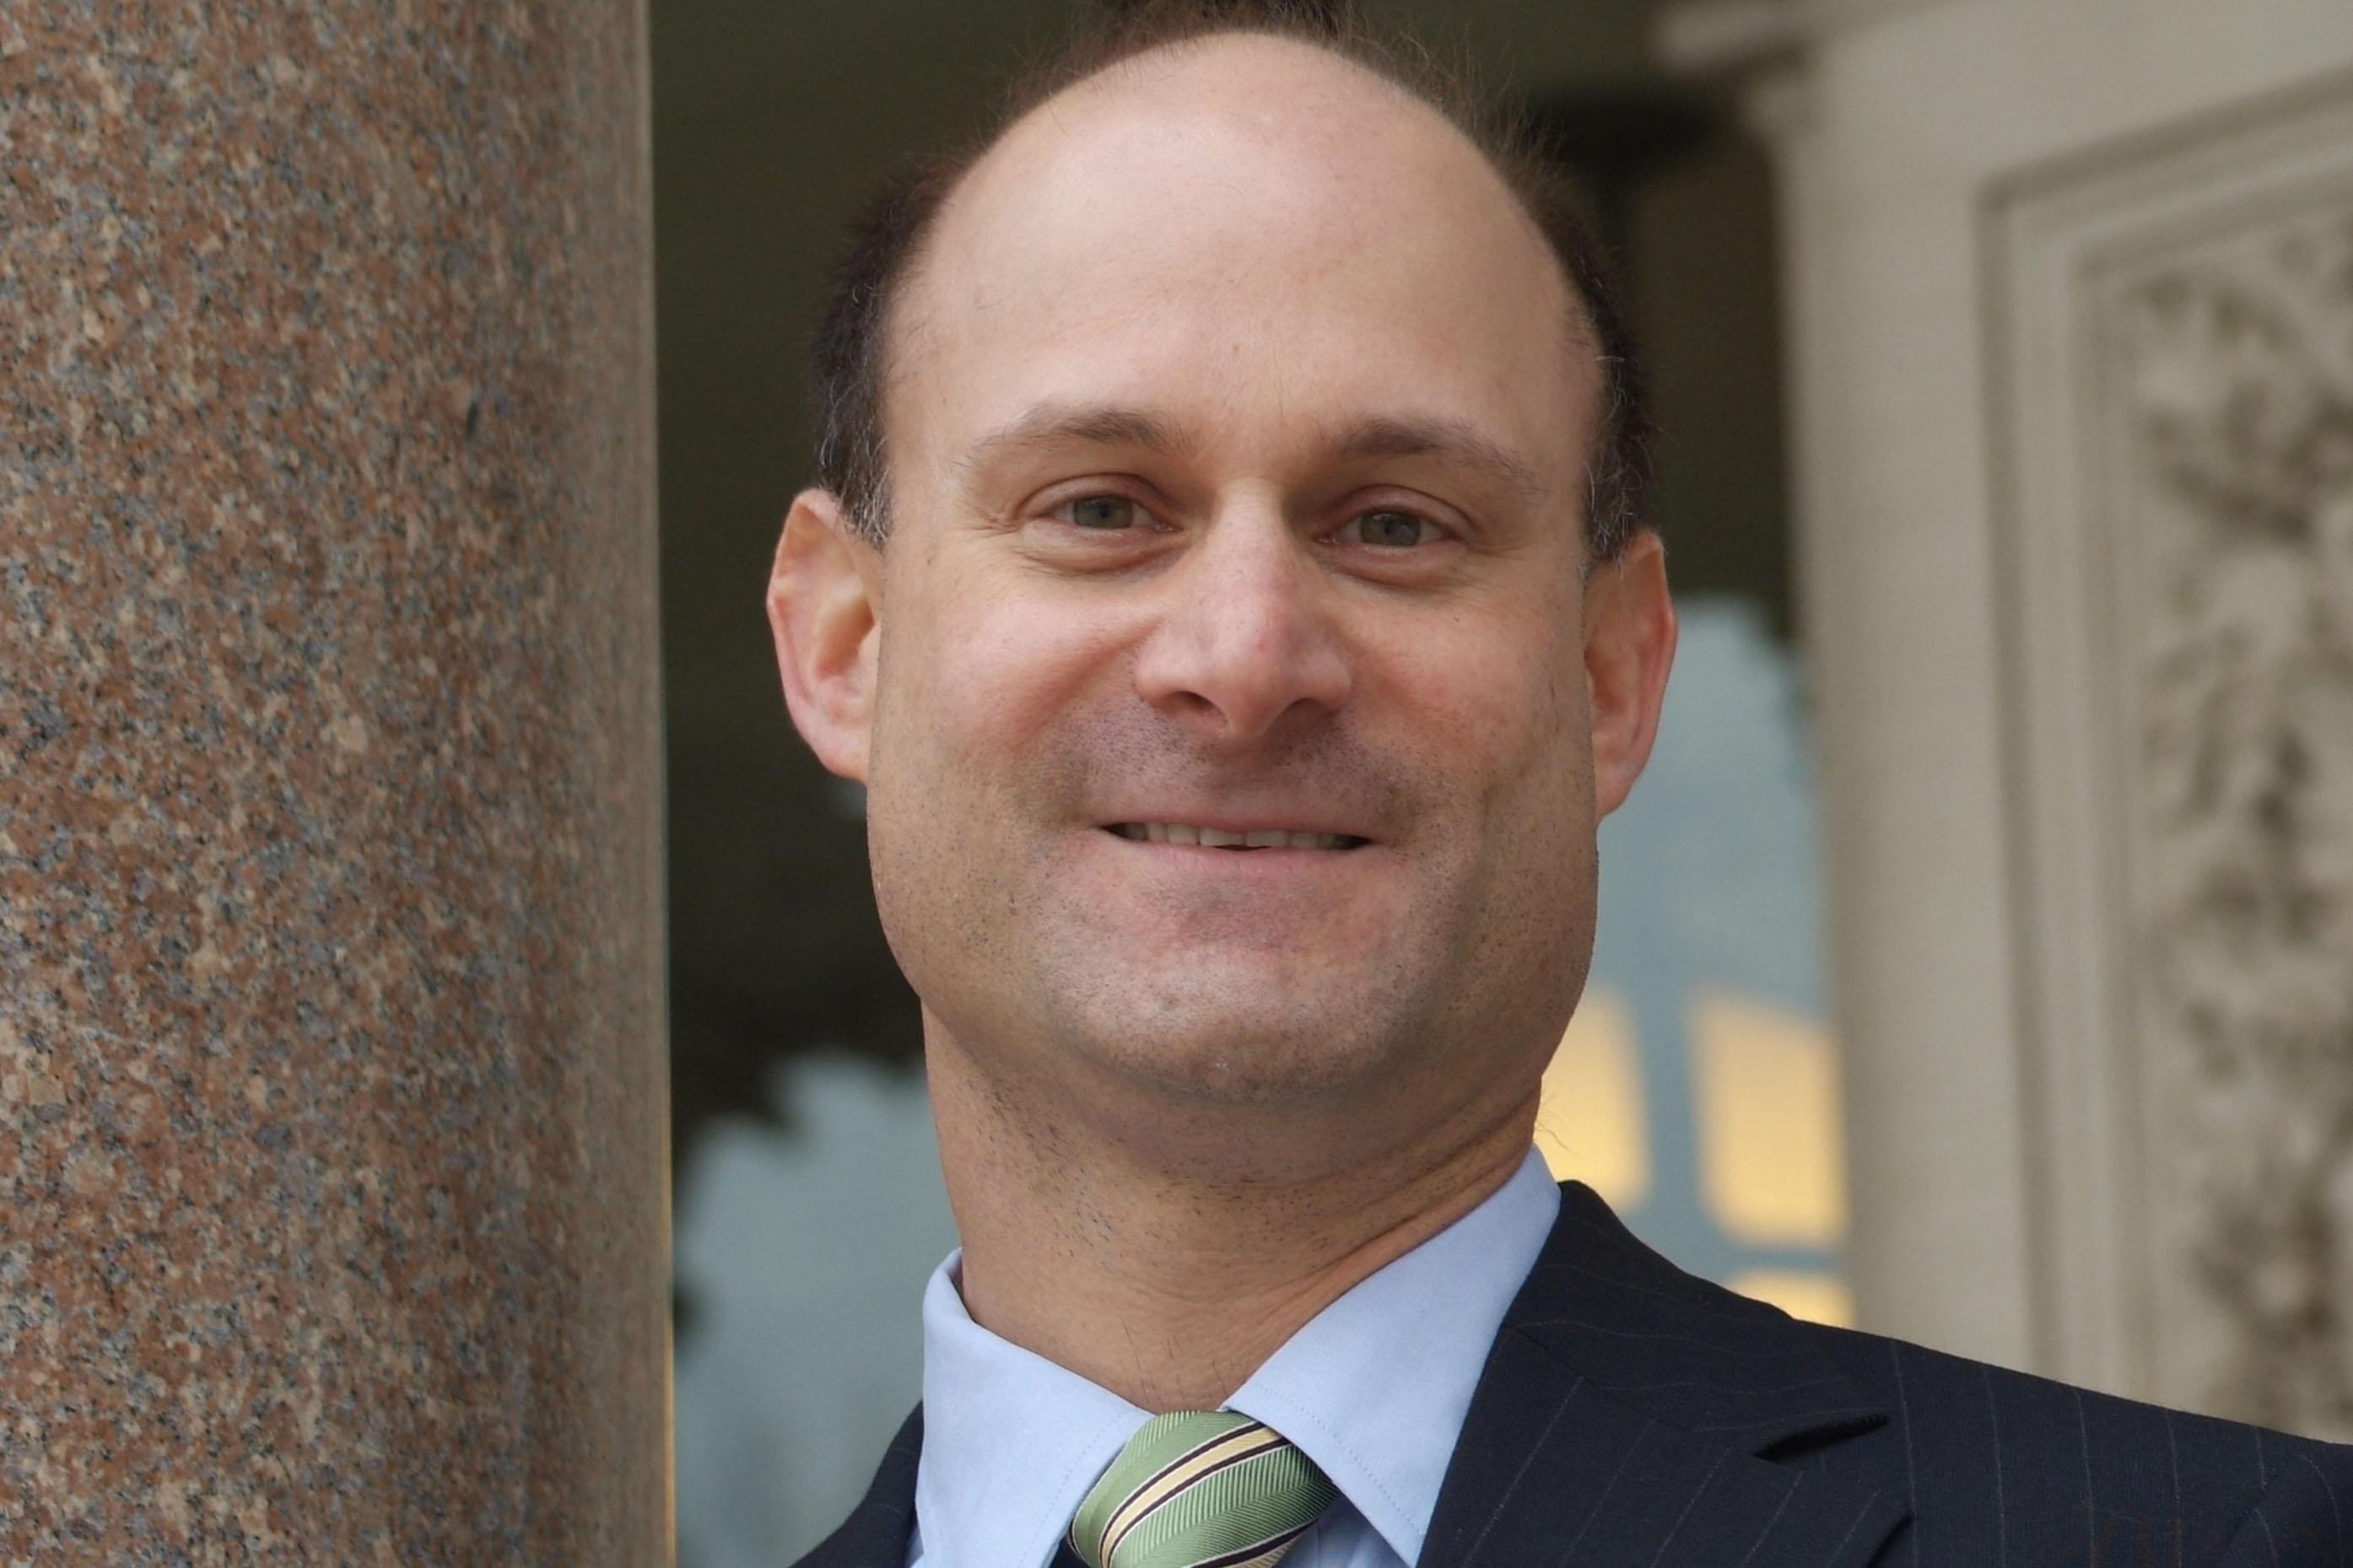 Michael W. Klein